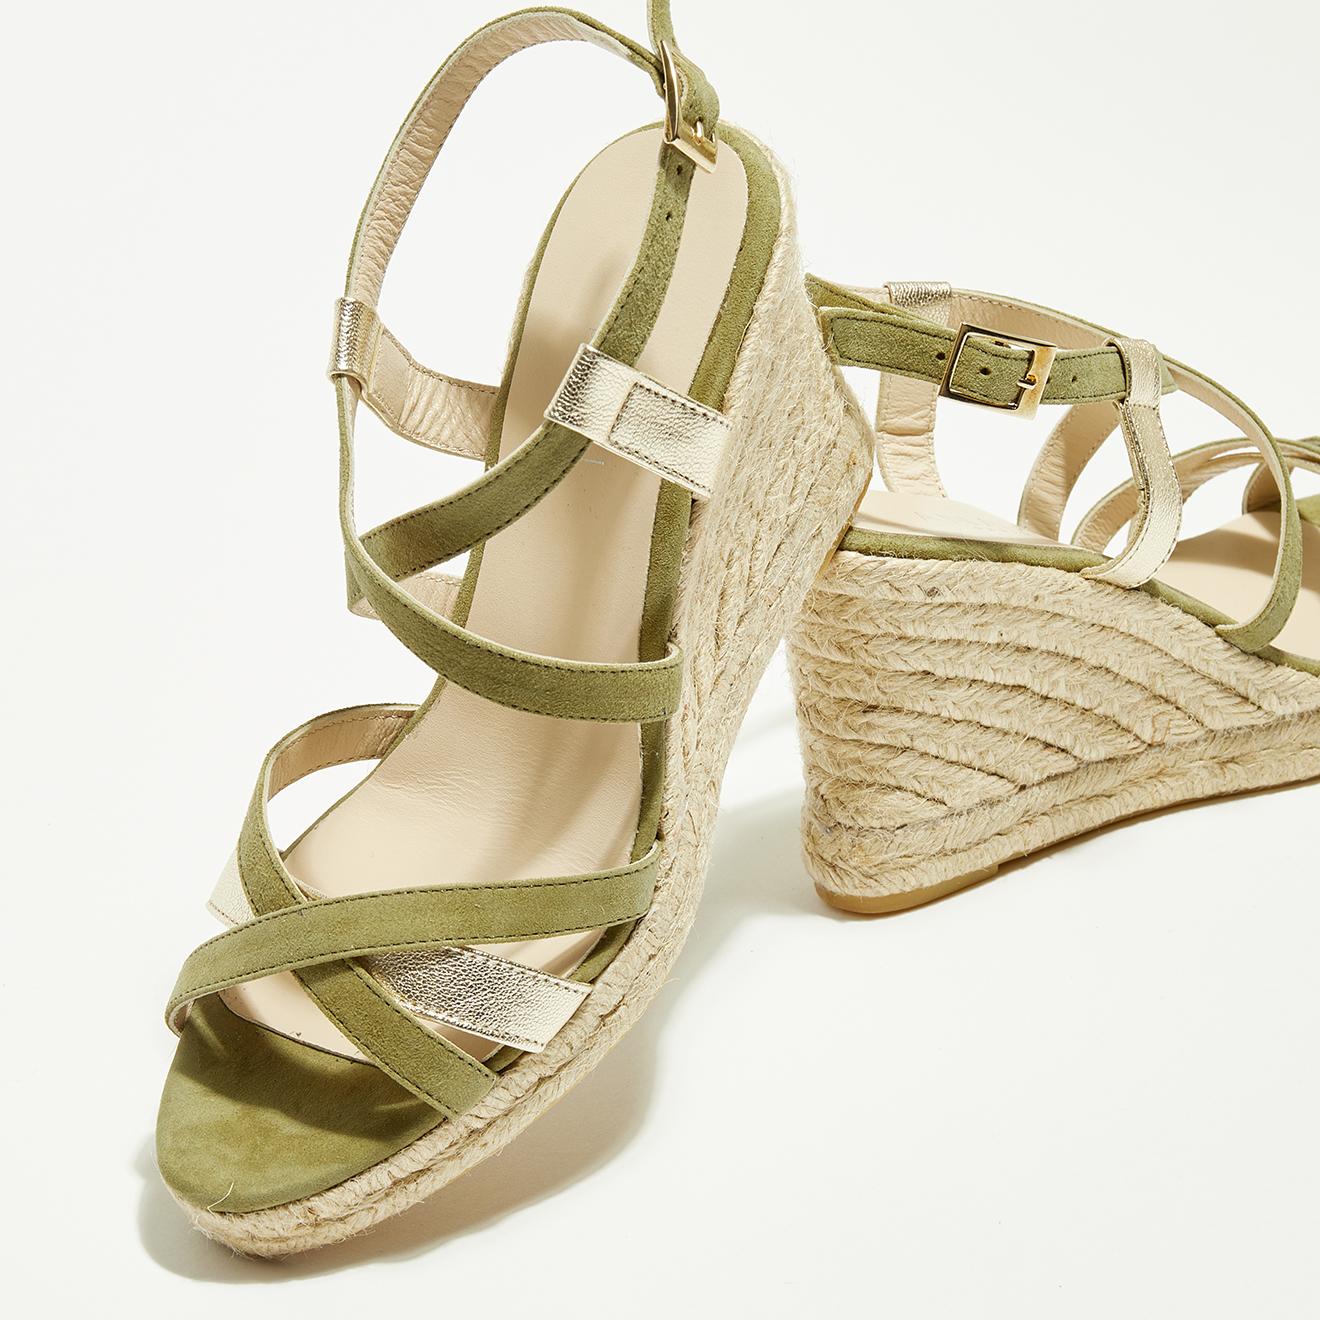 Sandales compensées en Velours de Cuir Anette kaki - Talon 7 cm - Anaki - Modalova